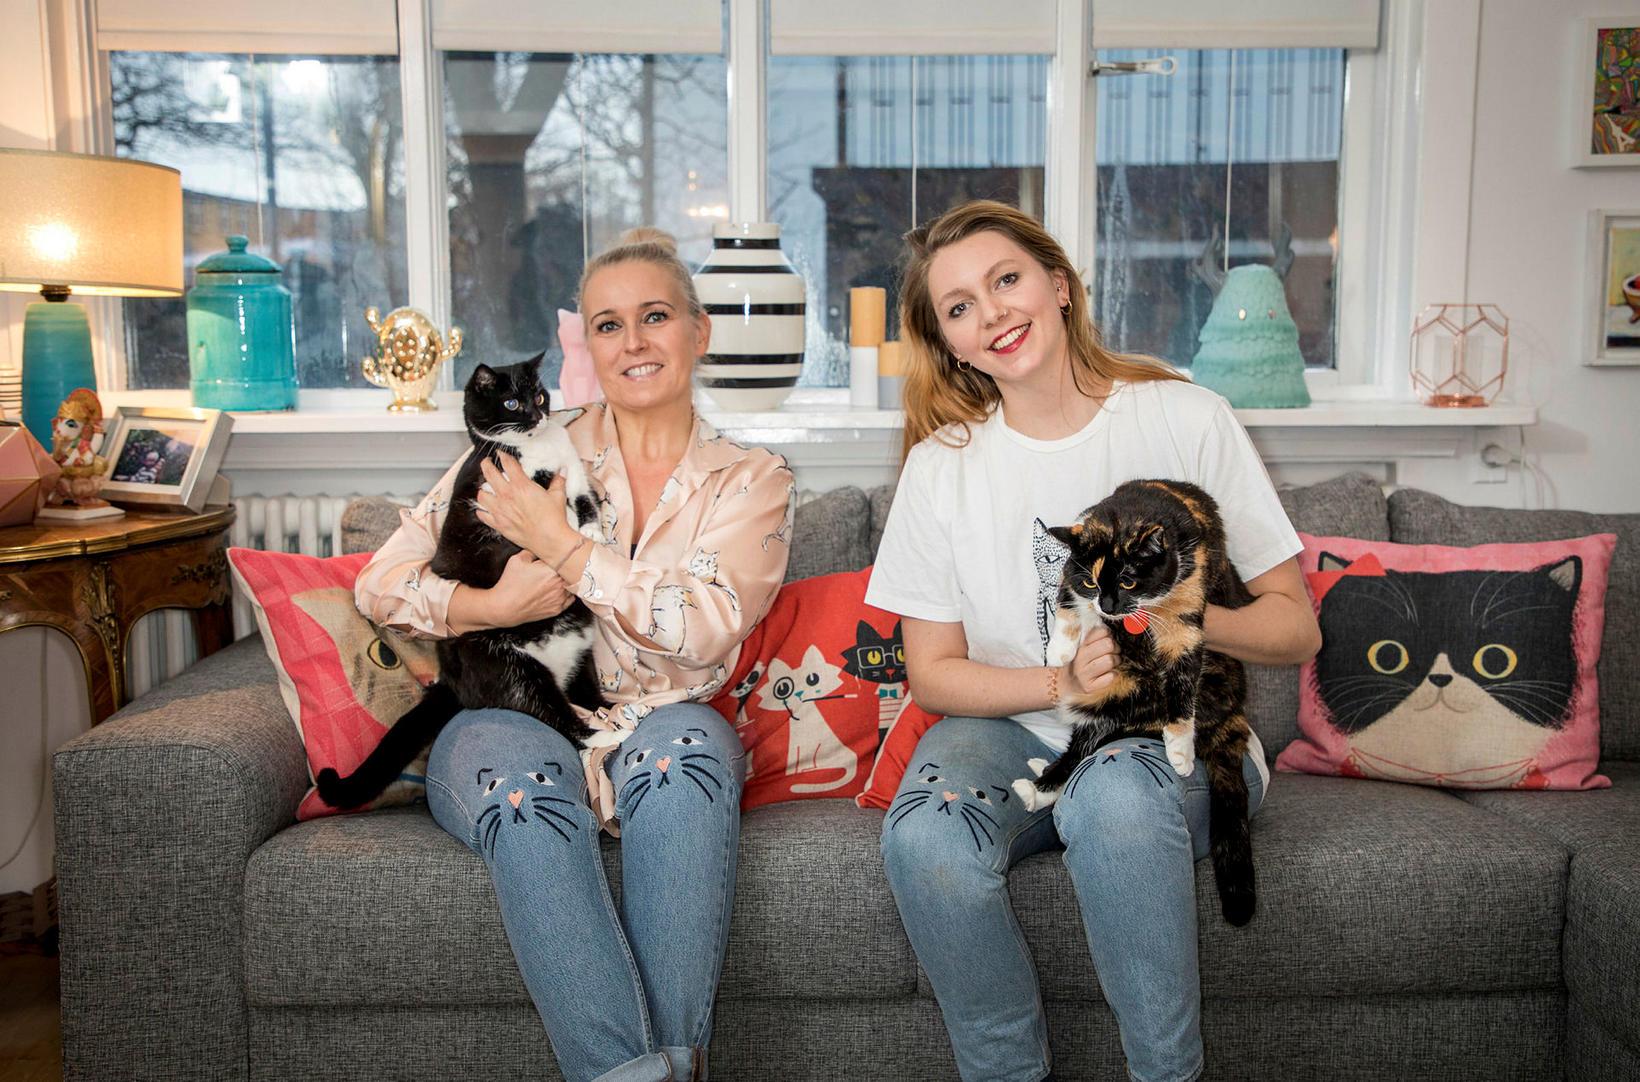 Ragnheiður Birgisdóttir og Gígja Sara Björnsson eru miklar kisuvinkonur og …